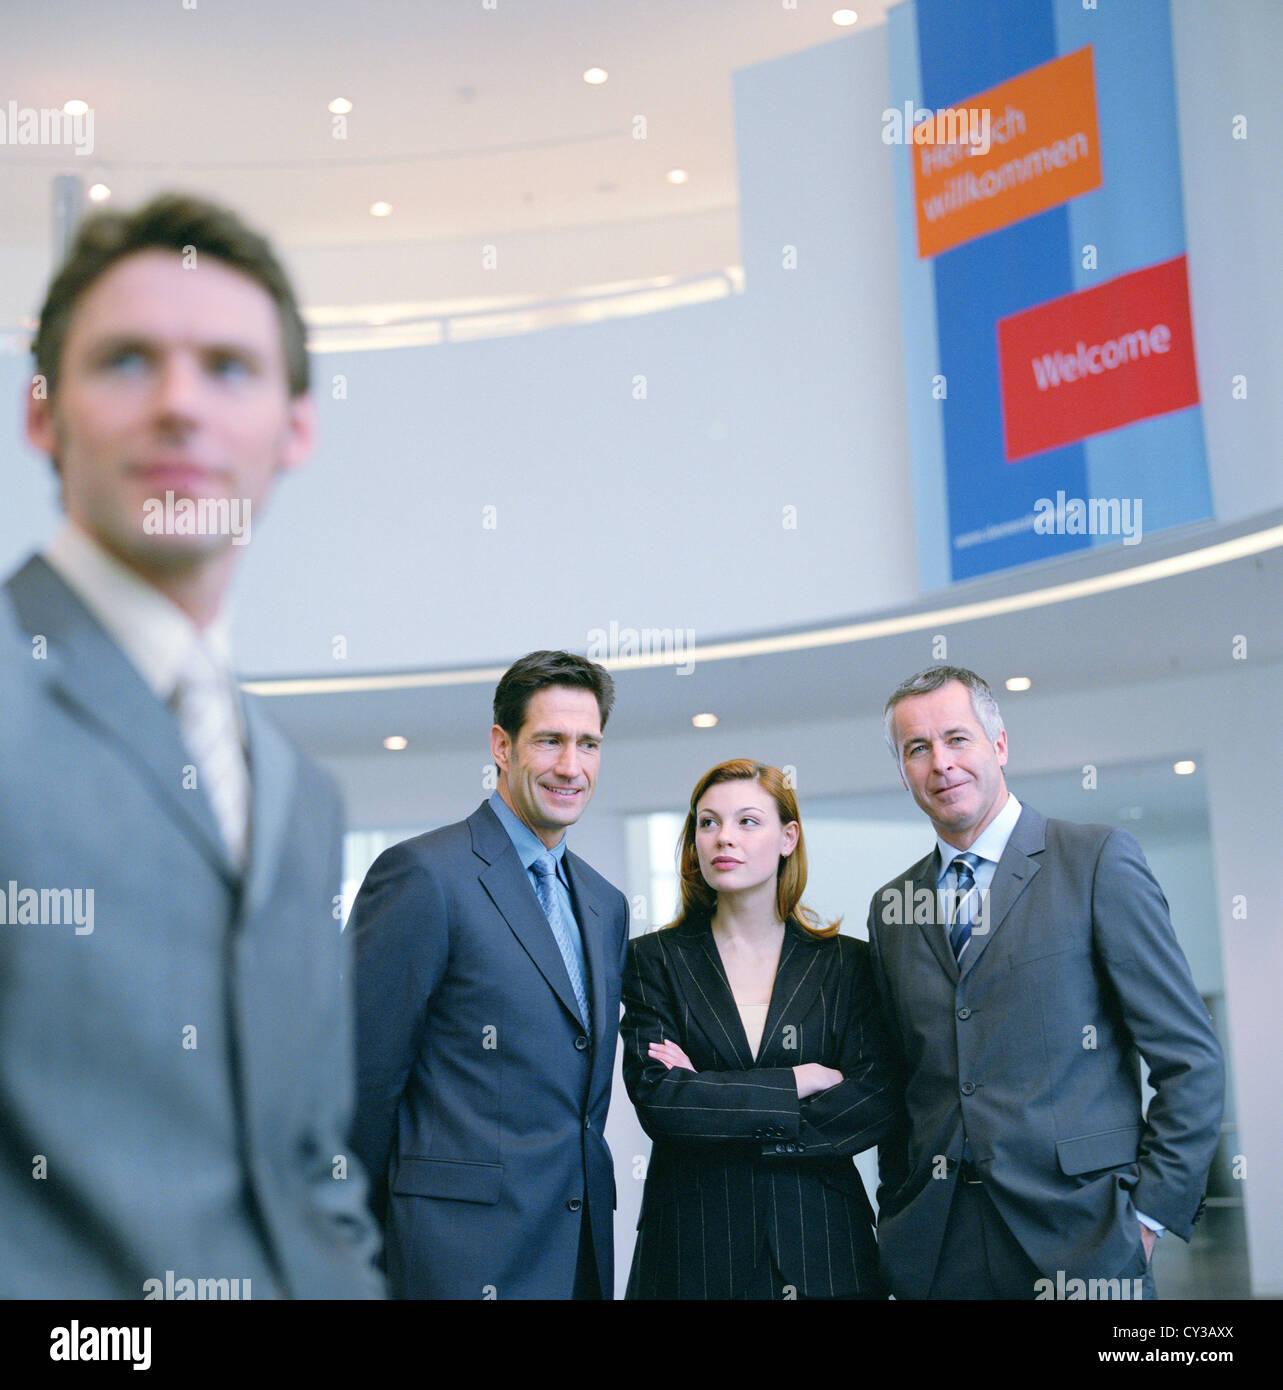 Business man People Manager licenza gratuita ad eccezione di annunci e cartelloni per esterni Immagini Stock